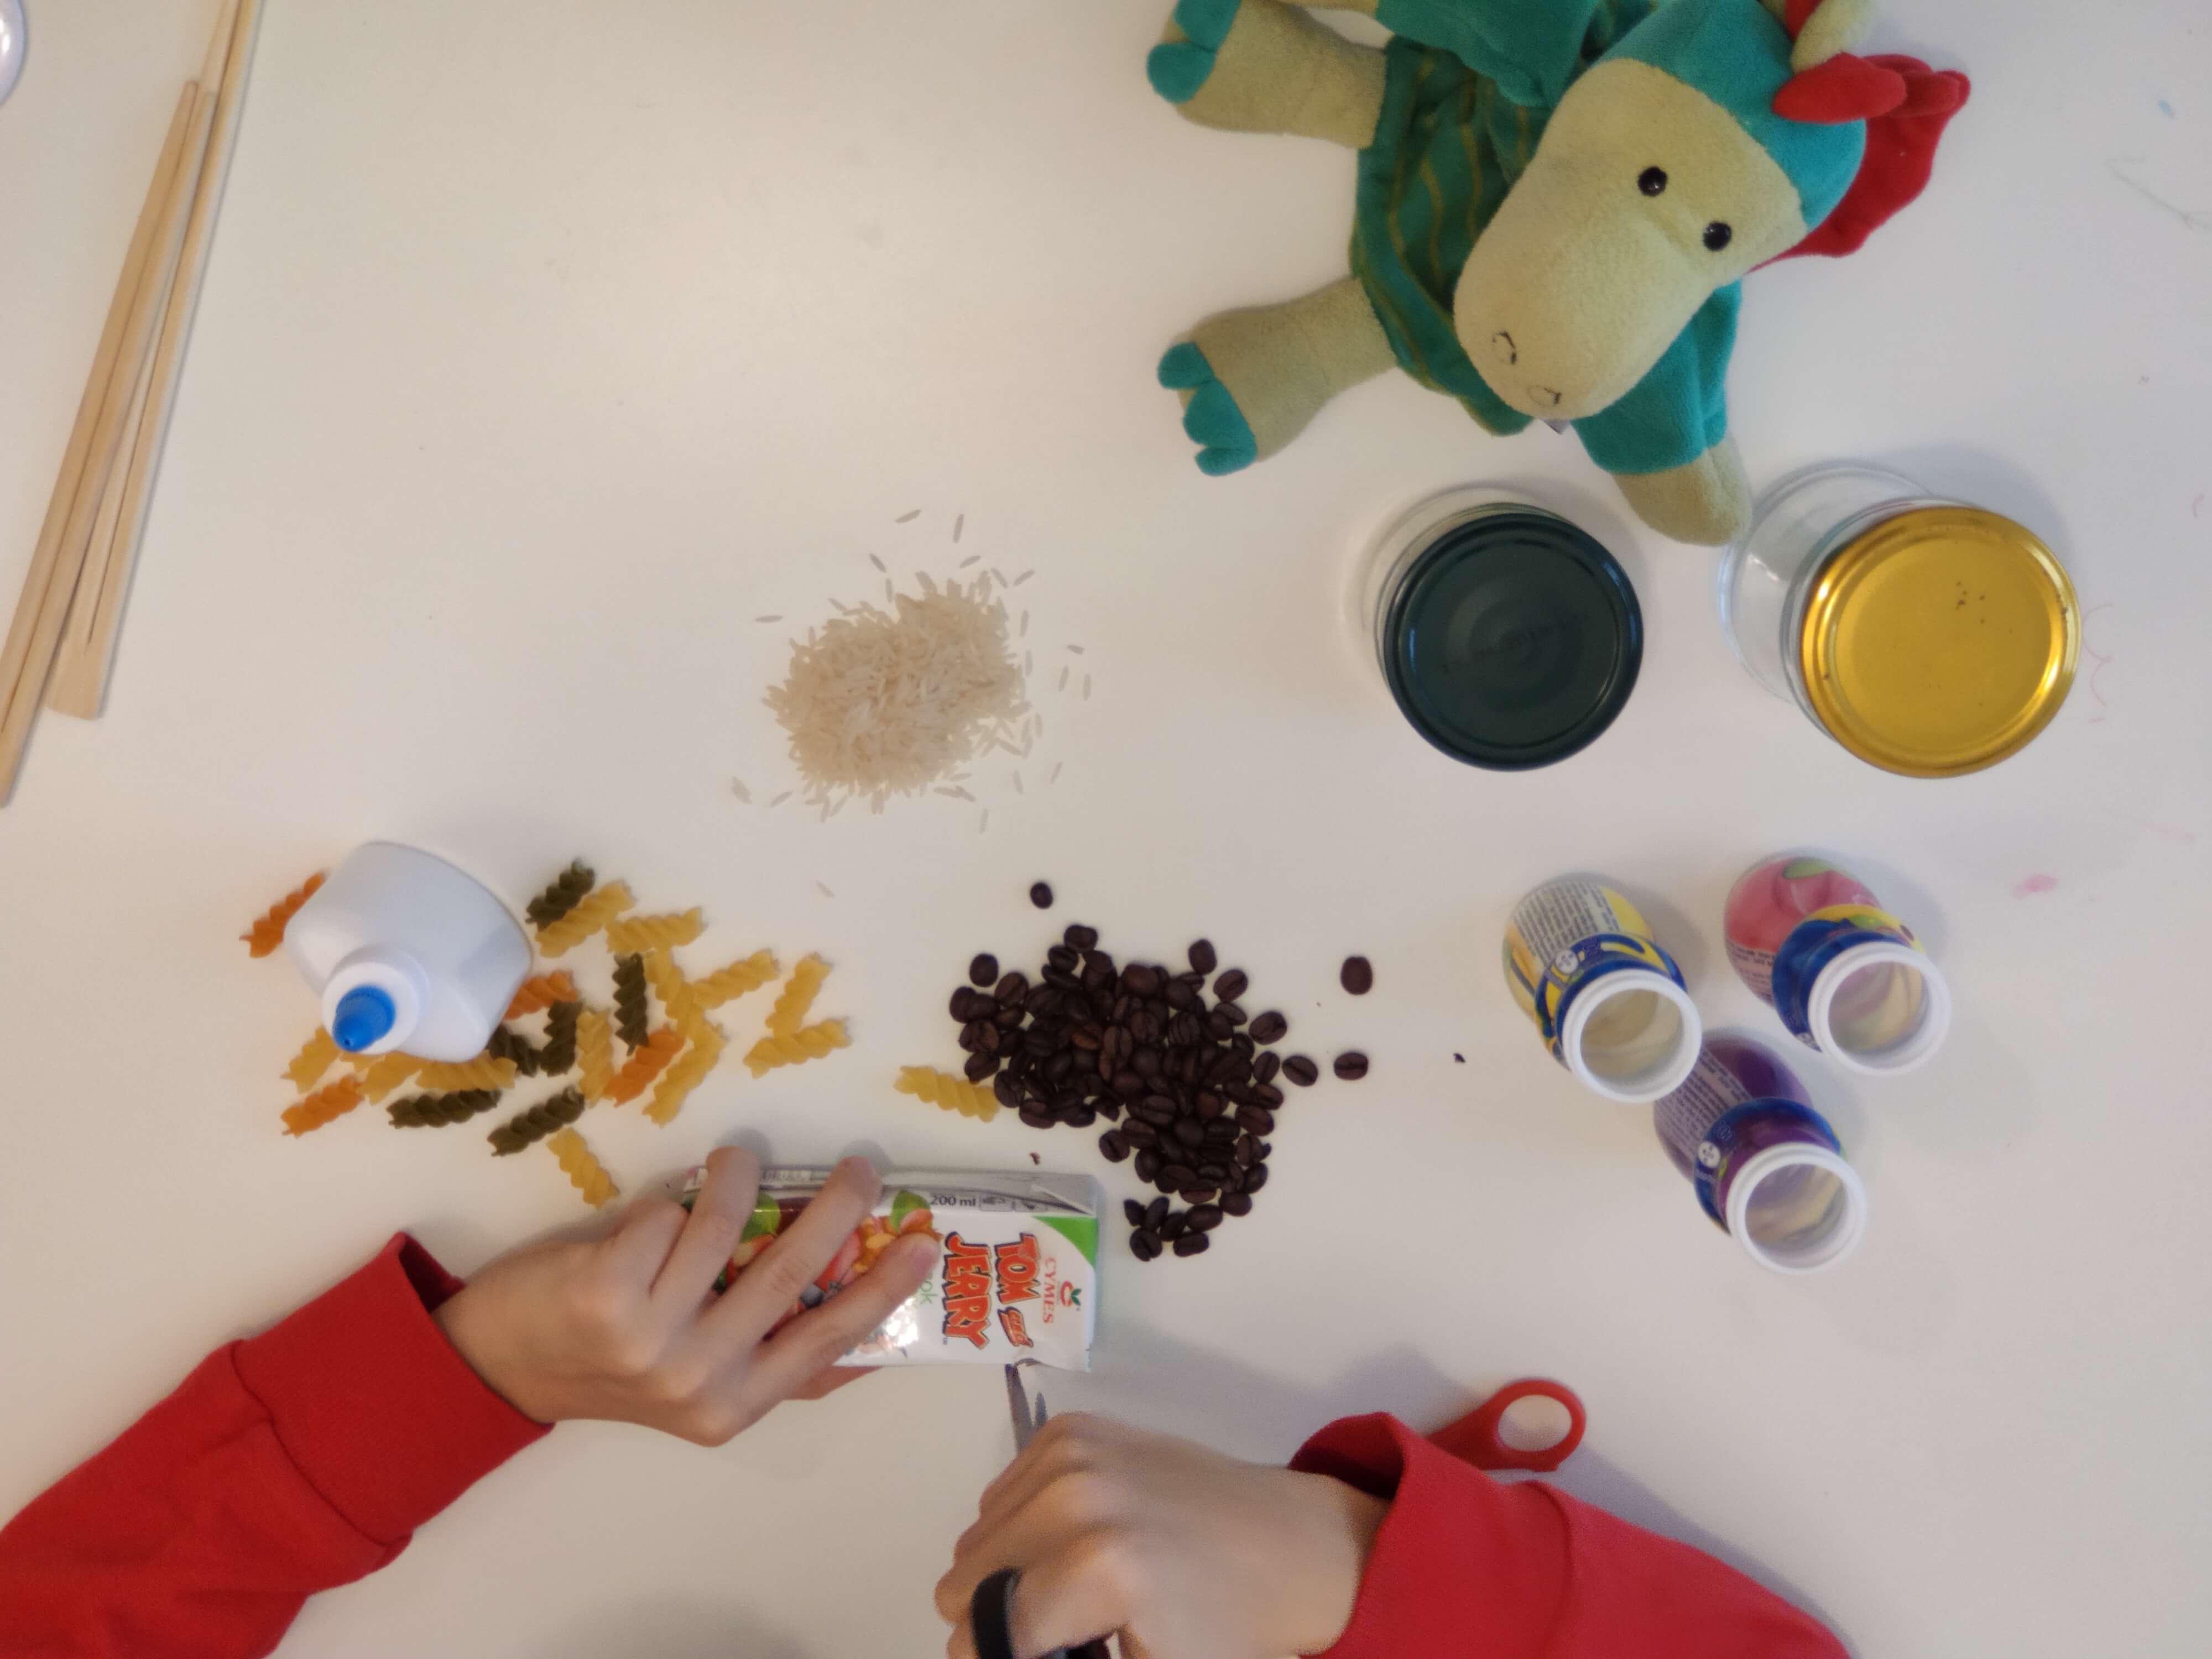 Przygotowanie grzechotek do zabaw z dźwiękiem dla dzieci (fot. Marta Uszko-Baraniak).